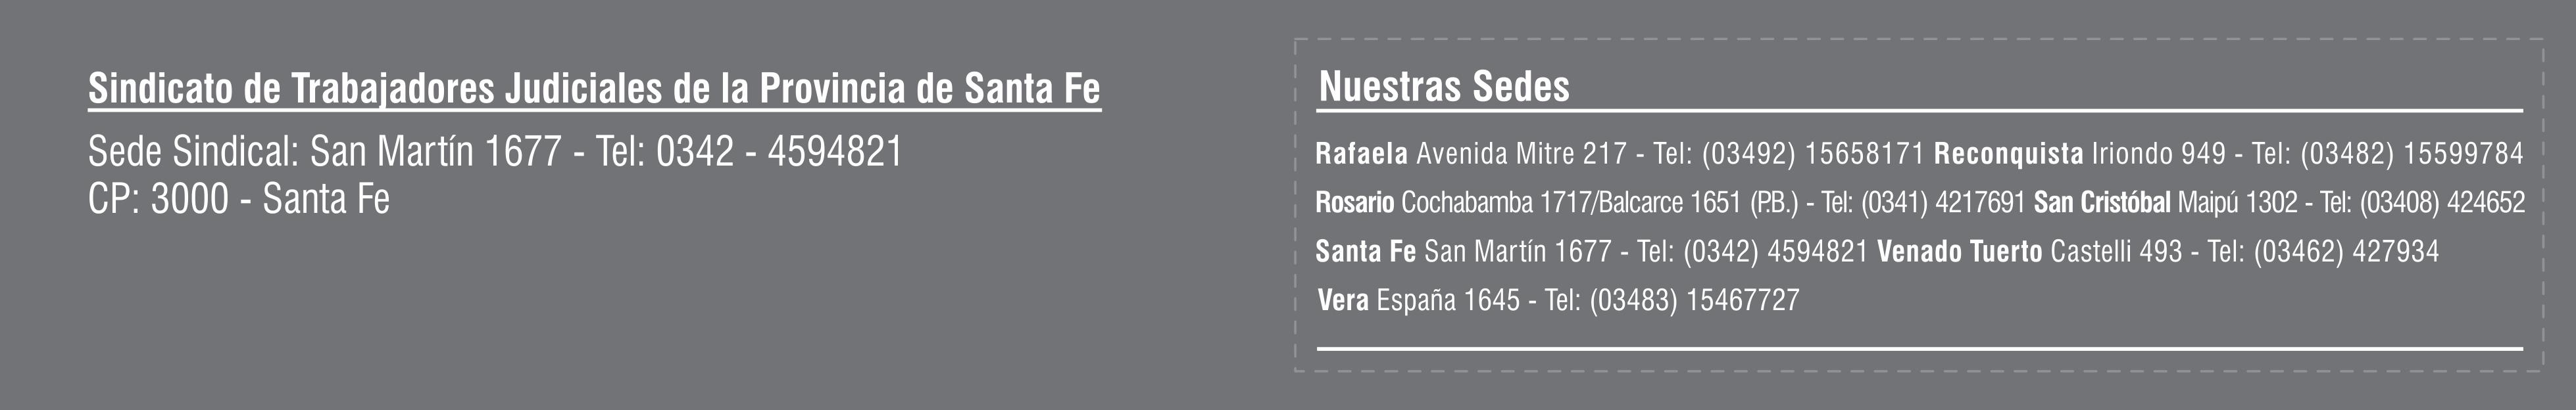 Sindicato de Trabajadores Judiciales de la Provincia de Santa Fe